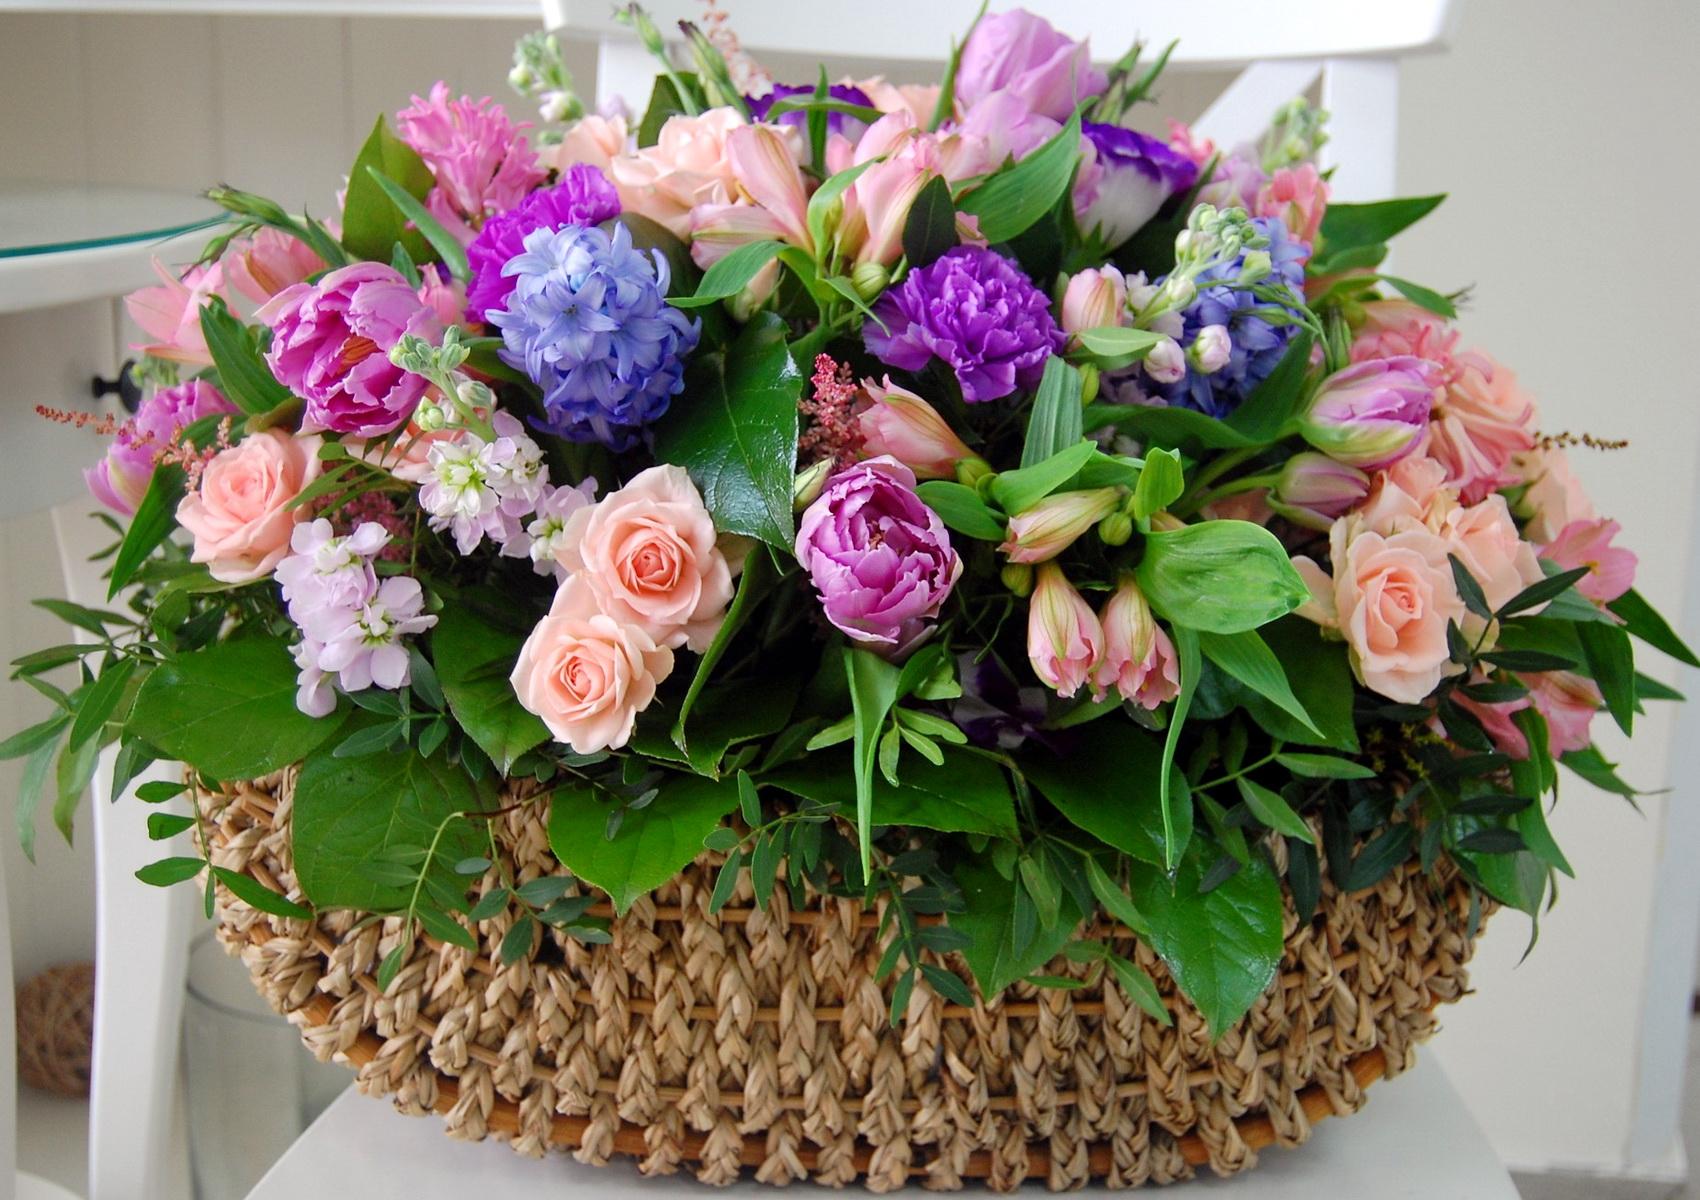 Фото с цветами поздравлениями